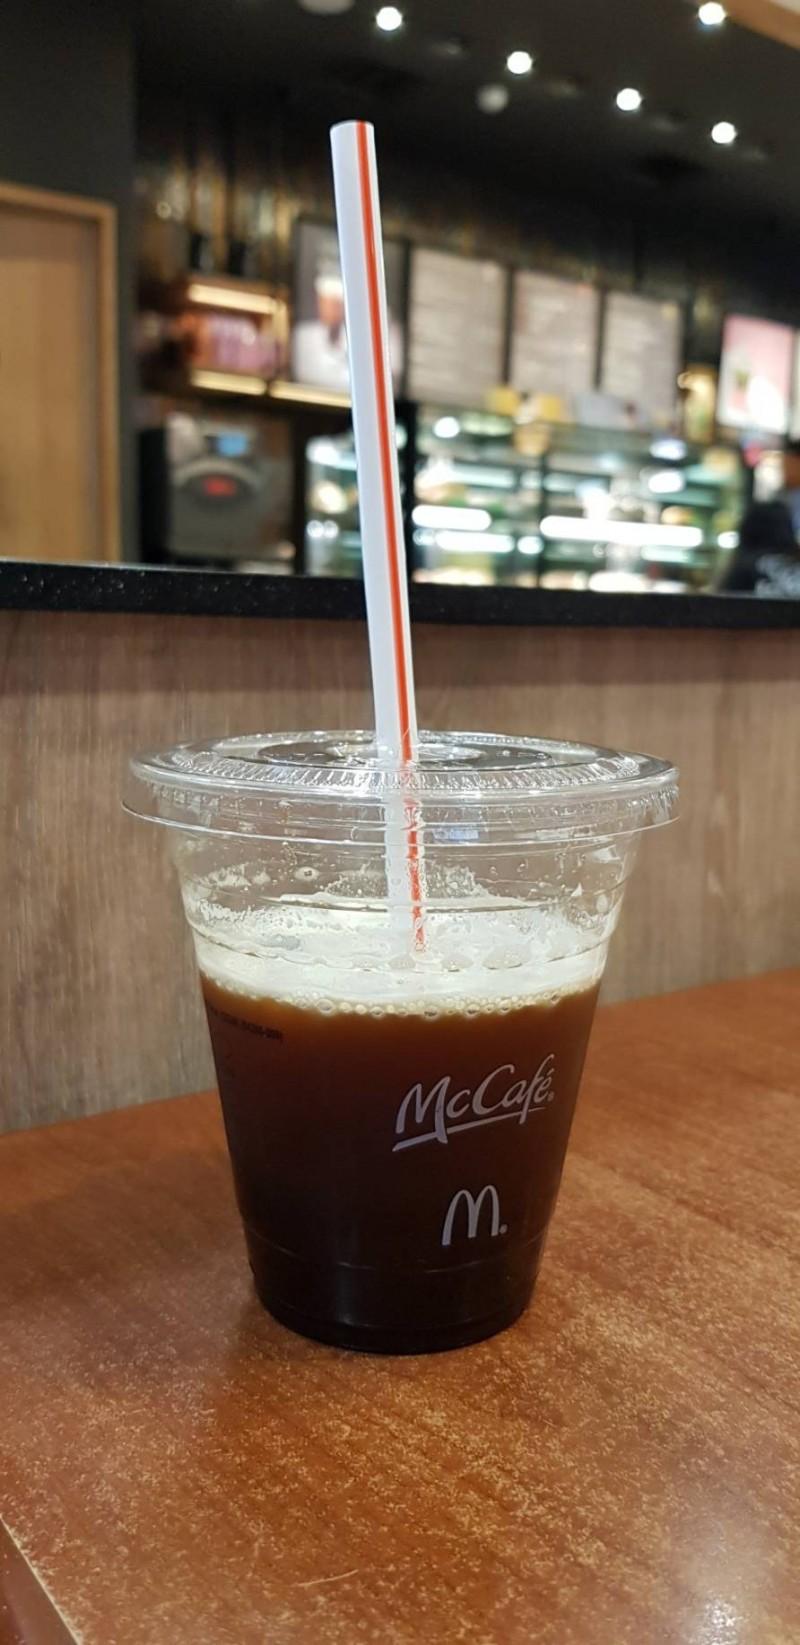 麥當勞近來推出新的甜心卡,將原有冰咖啡換成特選黑咖啡,民眾點少冰差很大。 (記者陳文嬋翻攝)